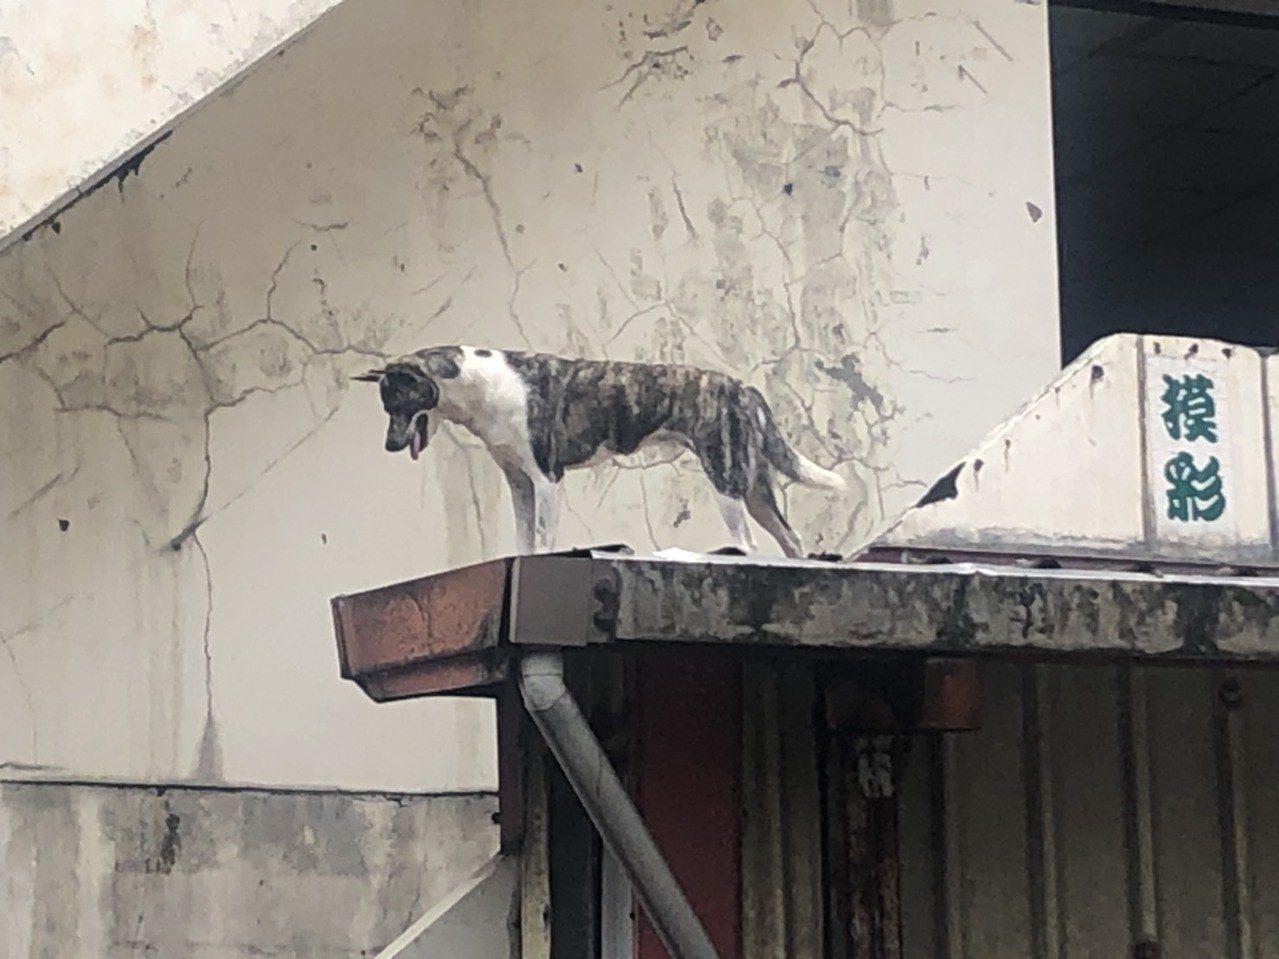 影/原來有秘道!金山小狗頻被報案受困屋頂 網友笑了